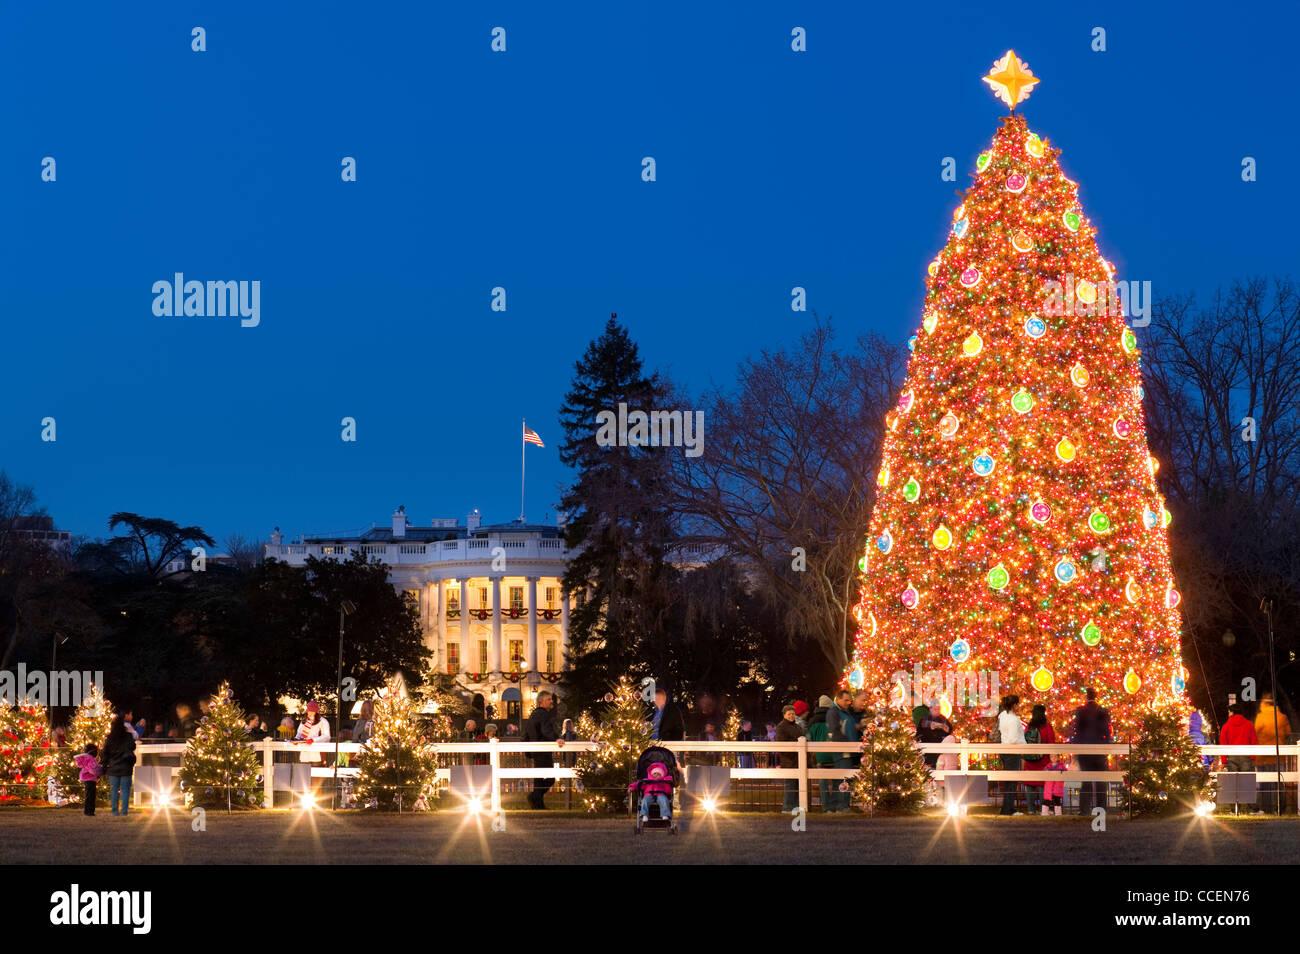 Albero Di Natale Washington.La Nazionale Di Albero Di Natale Davanti Alla Casa Bianca Di Washington Dc Con I Visitatori E Il Corteo Della Pace Foto Stock Alamy